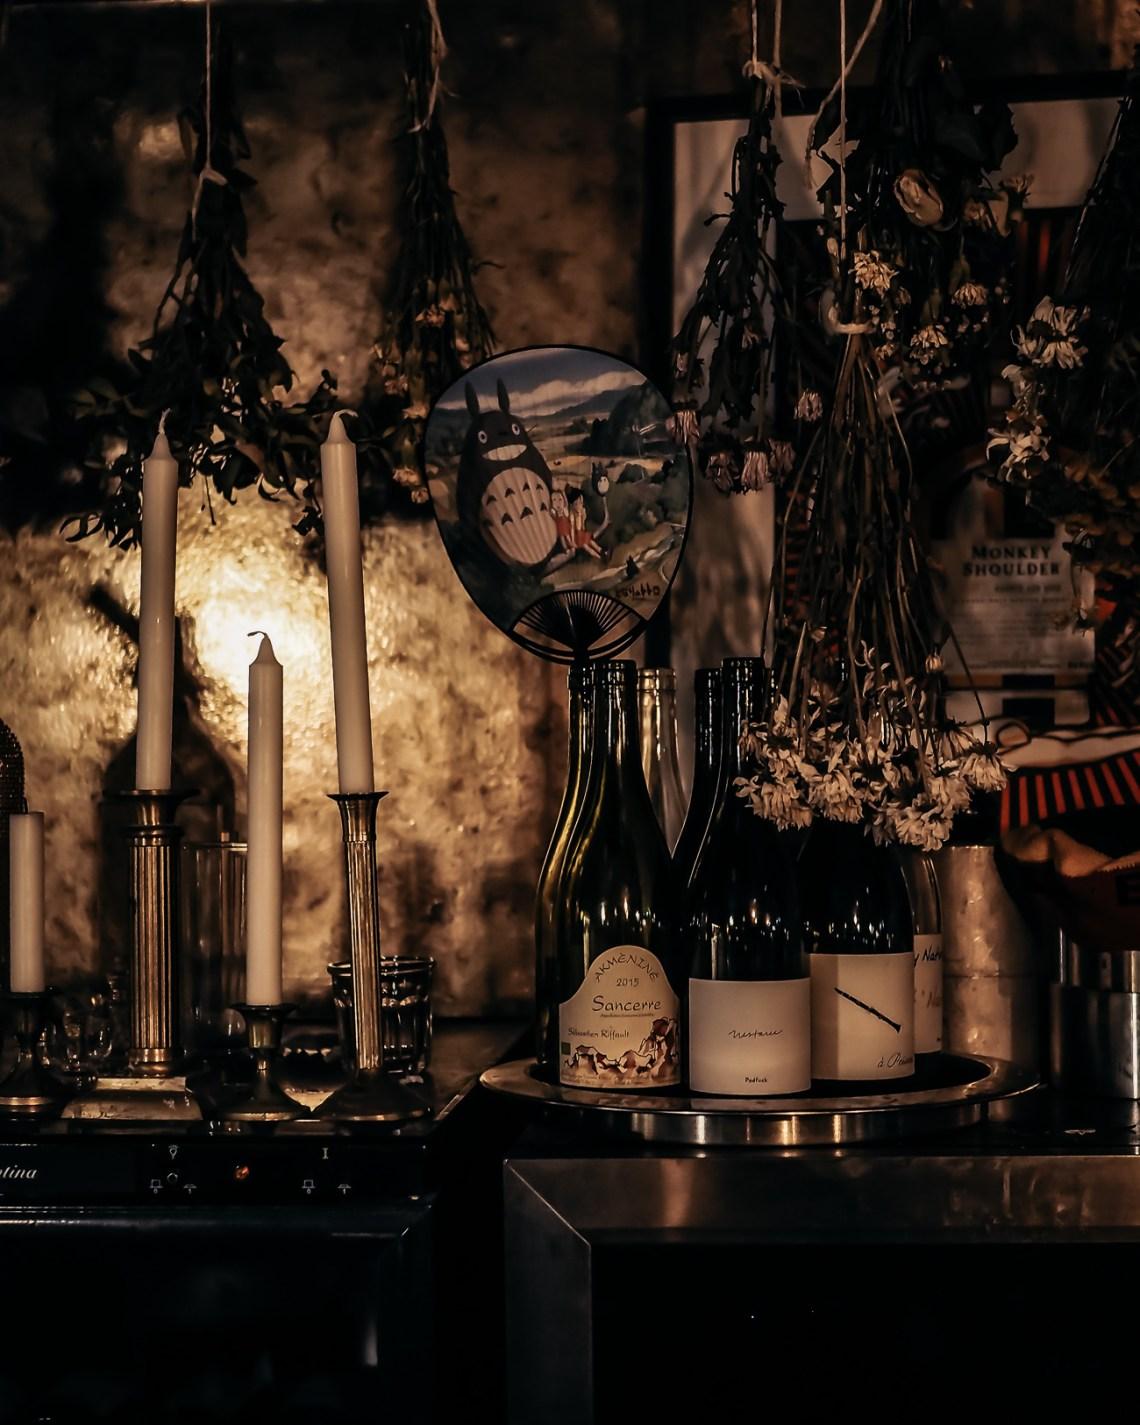 viinibaari